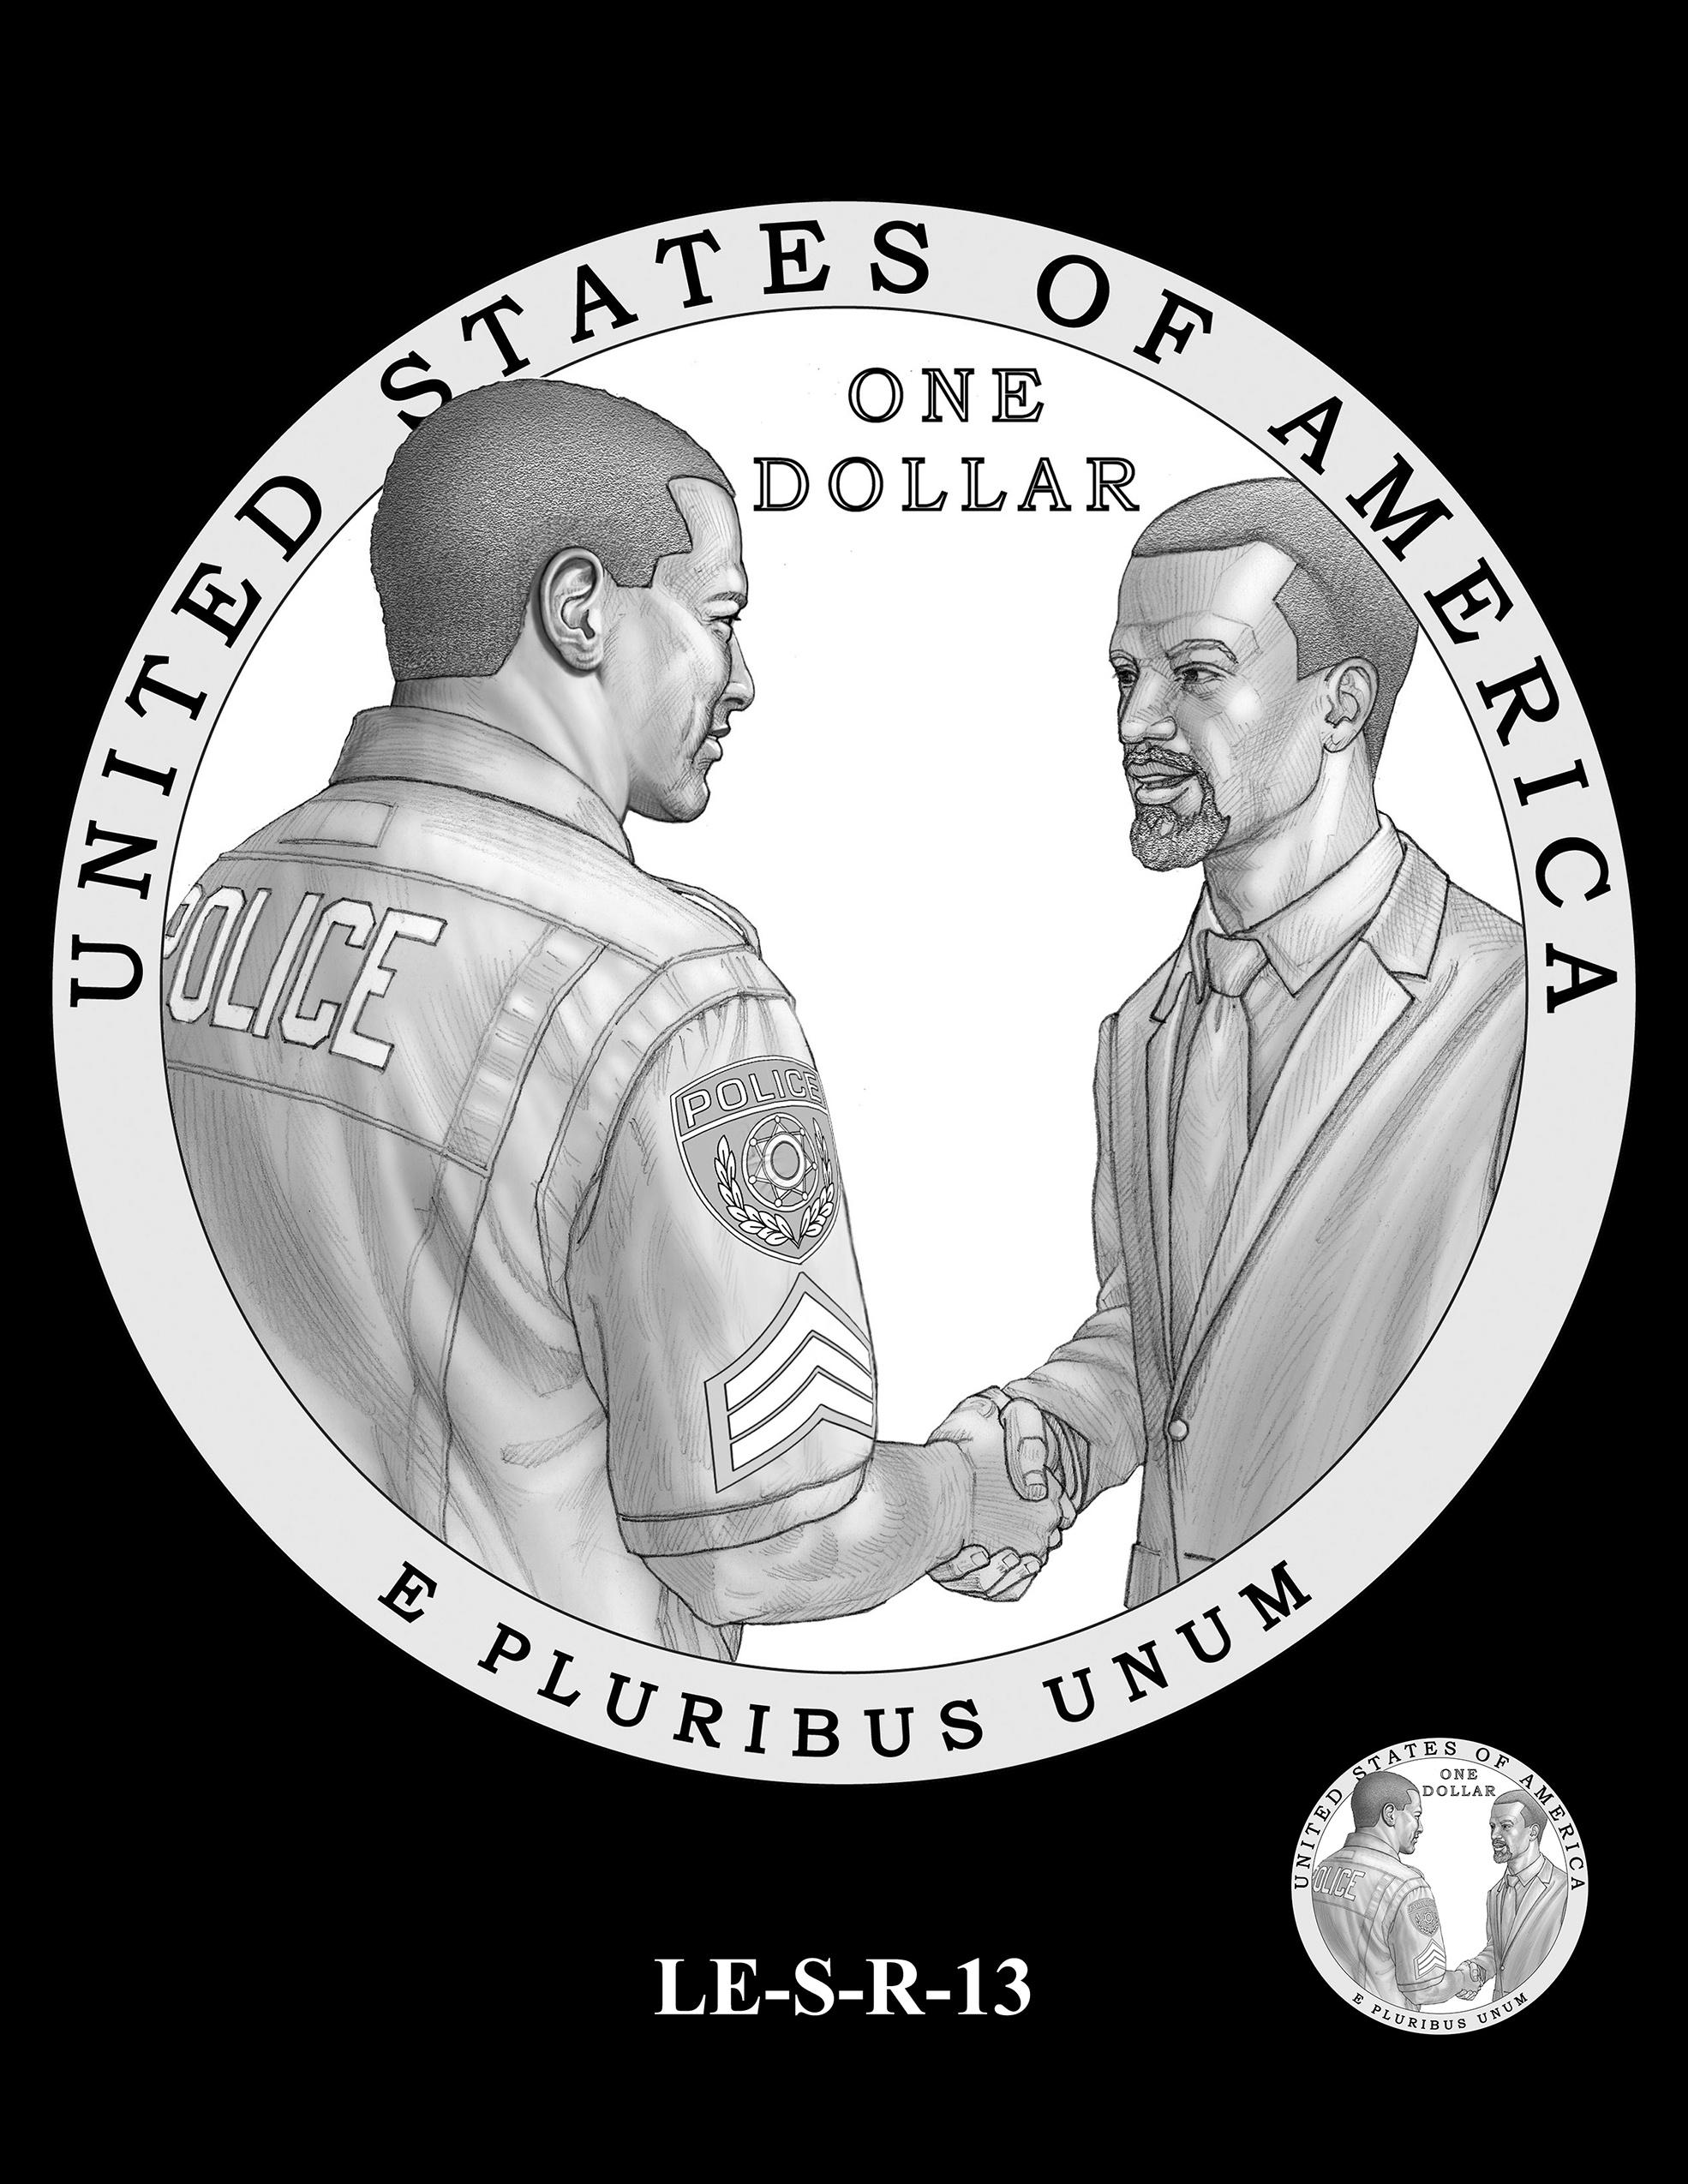 LE-S-R-13 -- National Law Enforcement Museum Commemorative Coin Program